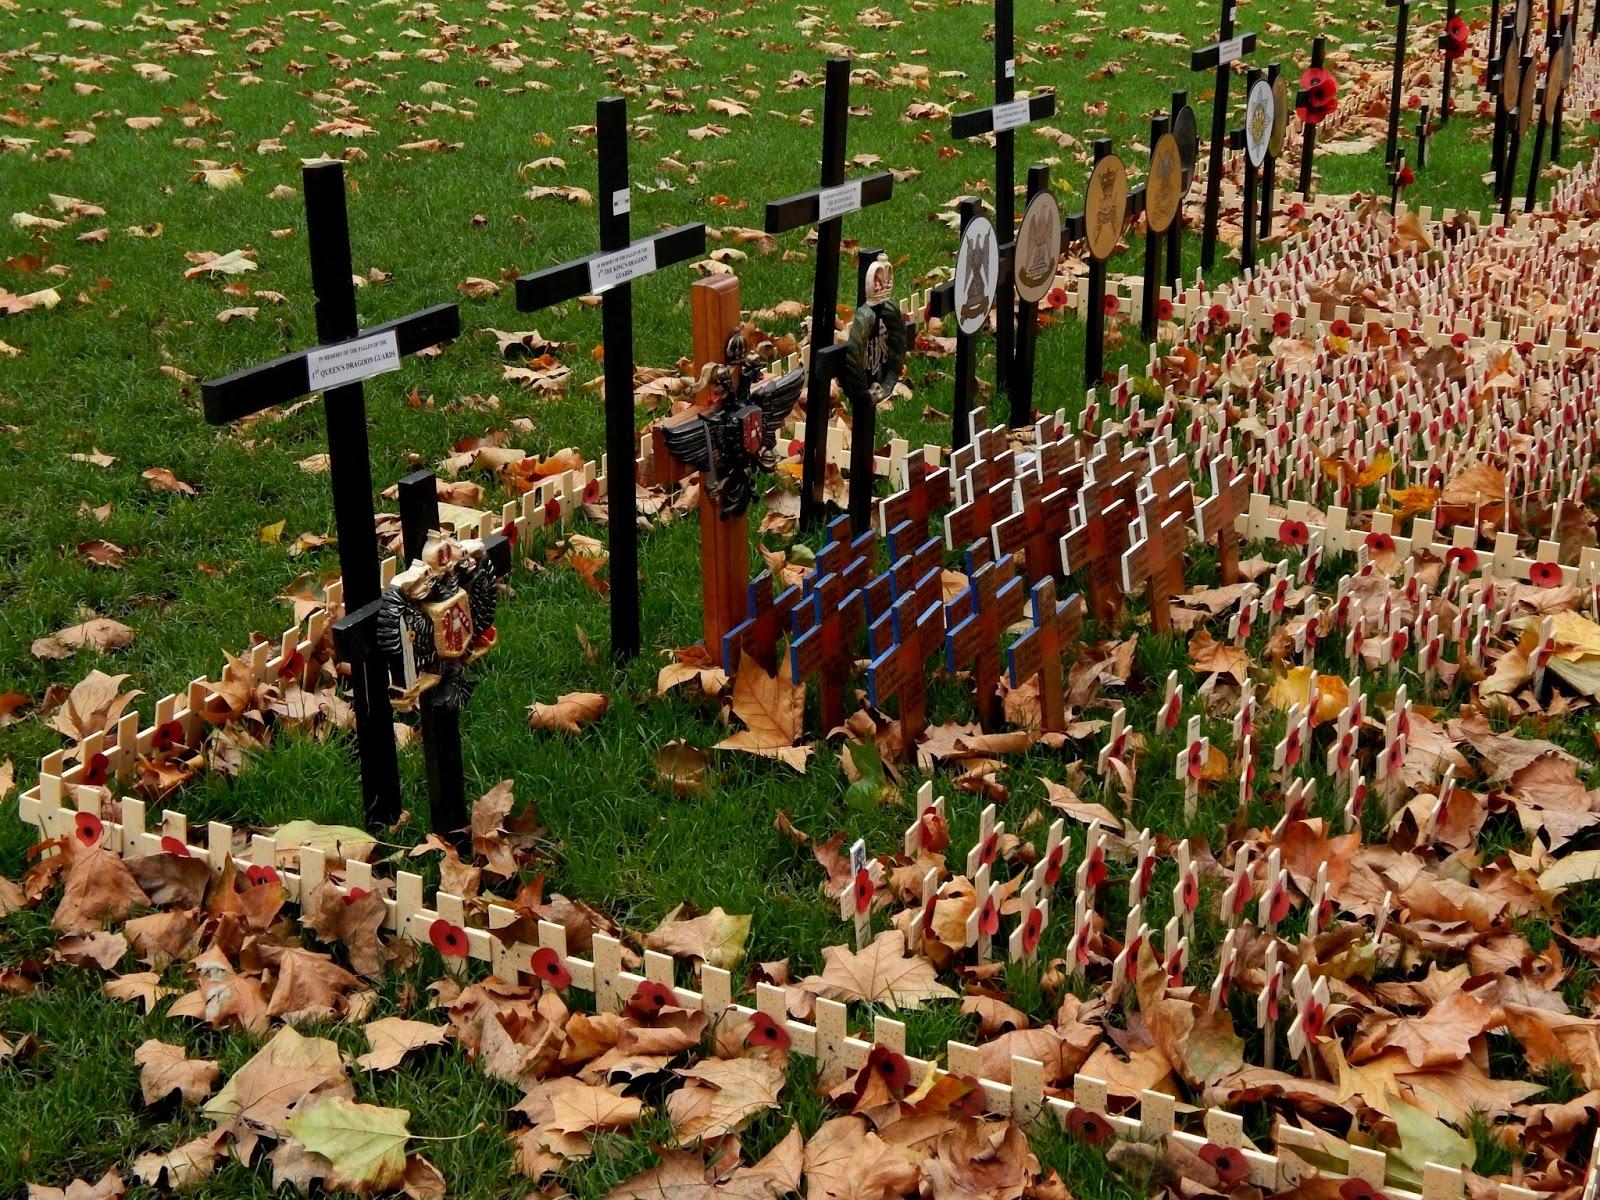 Poppy Day - vzpomínka na válečné veterány v Londýně